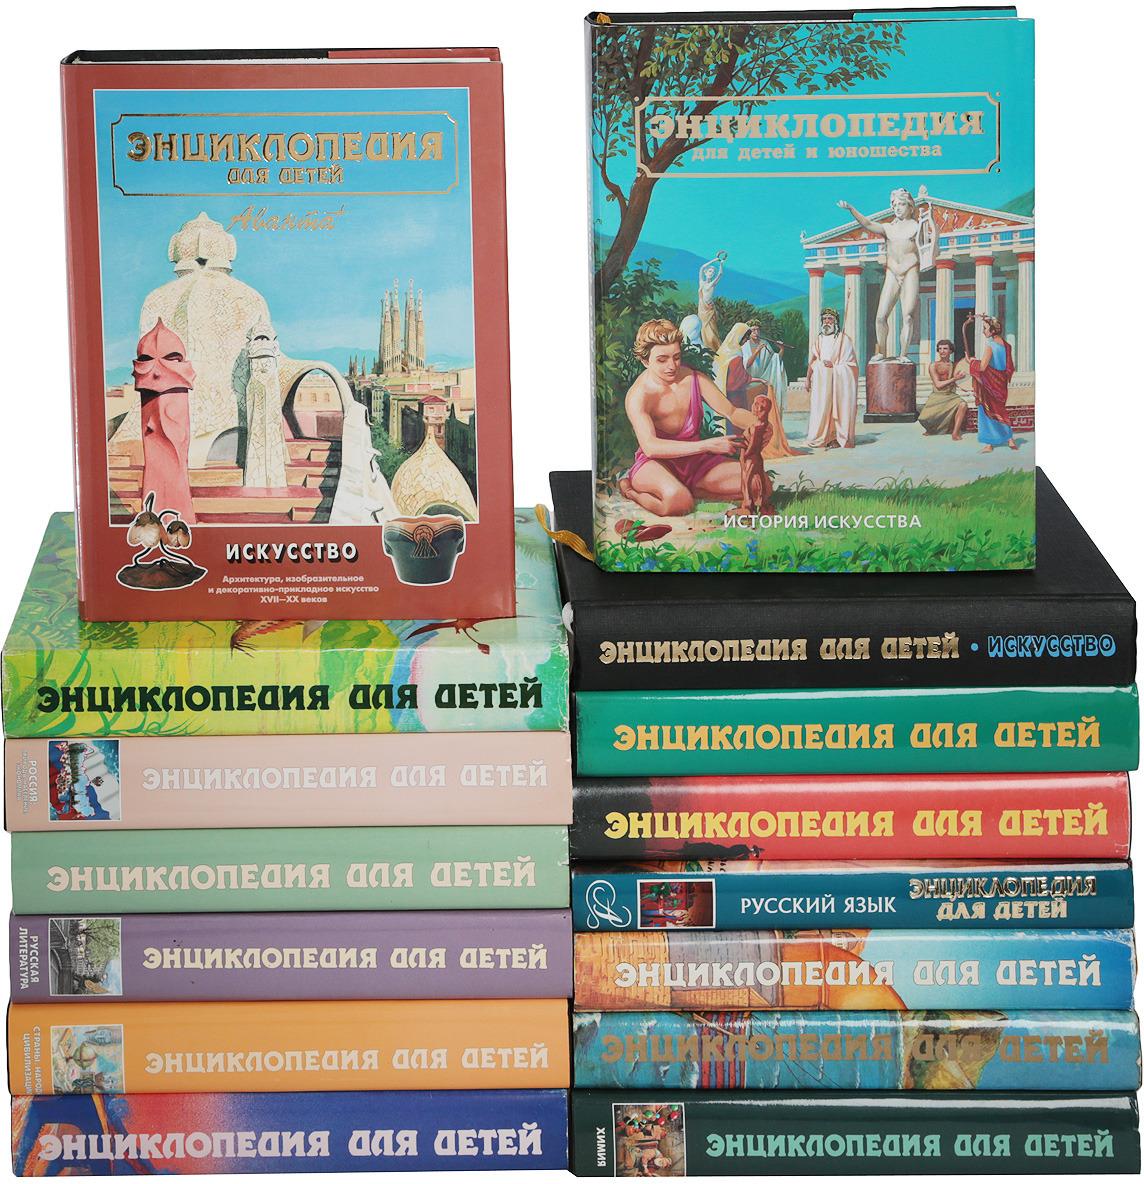 Серия Энциклопедия для детей (комплект из 15 книг)